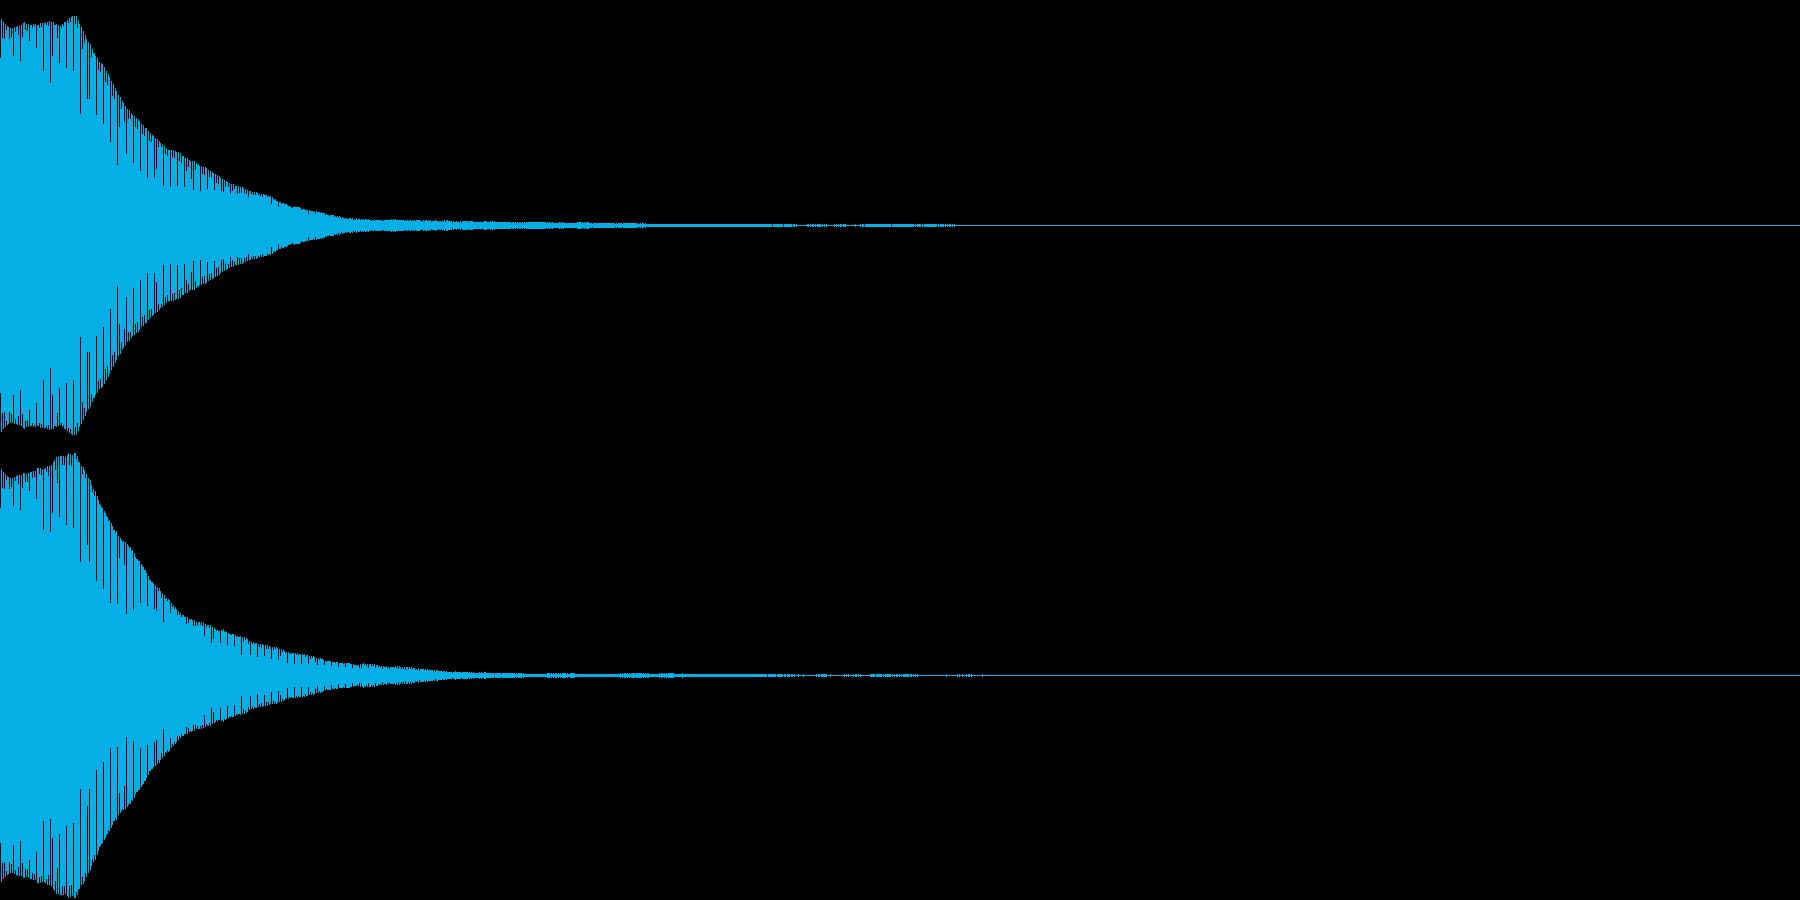 ポーン(何かを表示するときなどに)の再生済みの波形